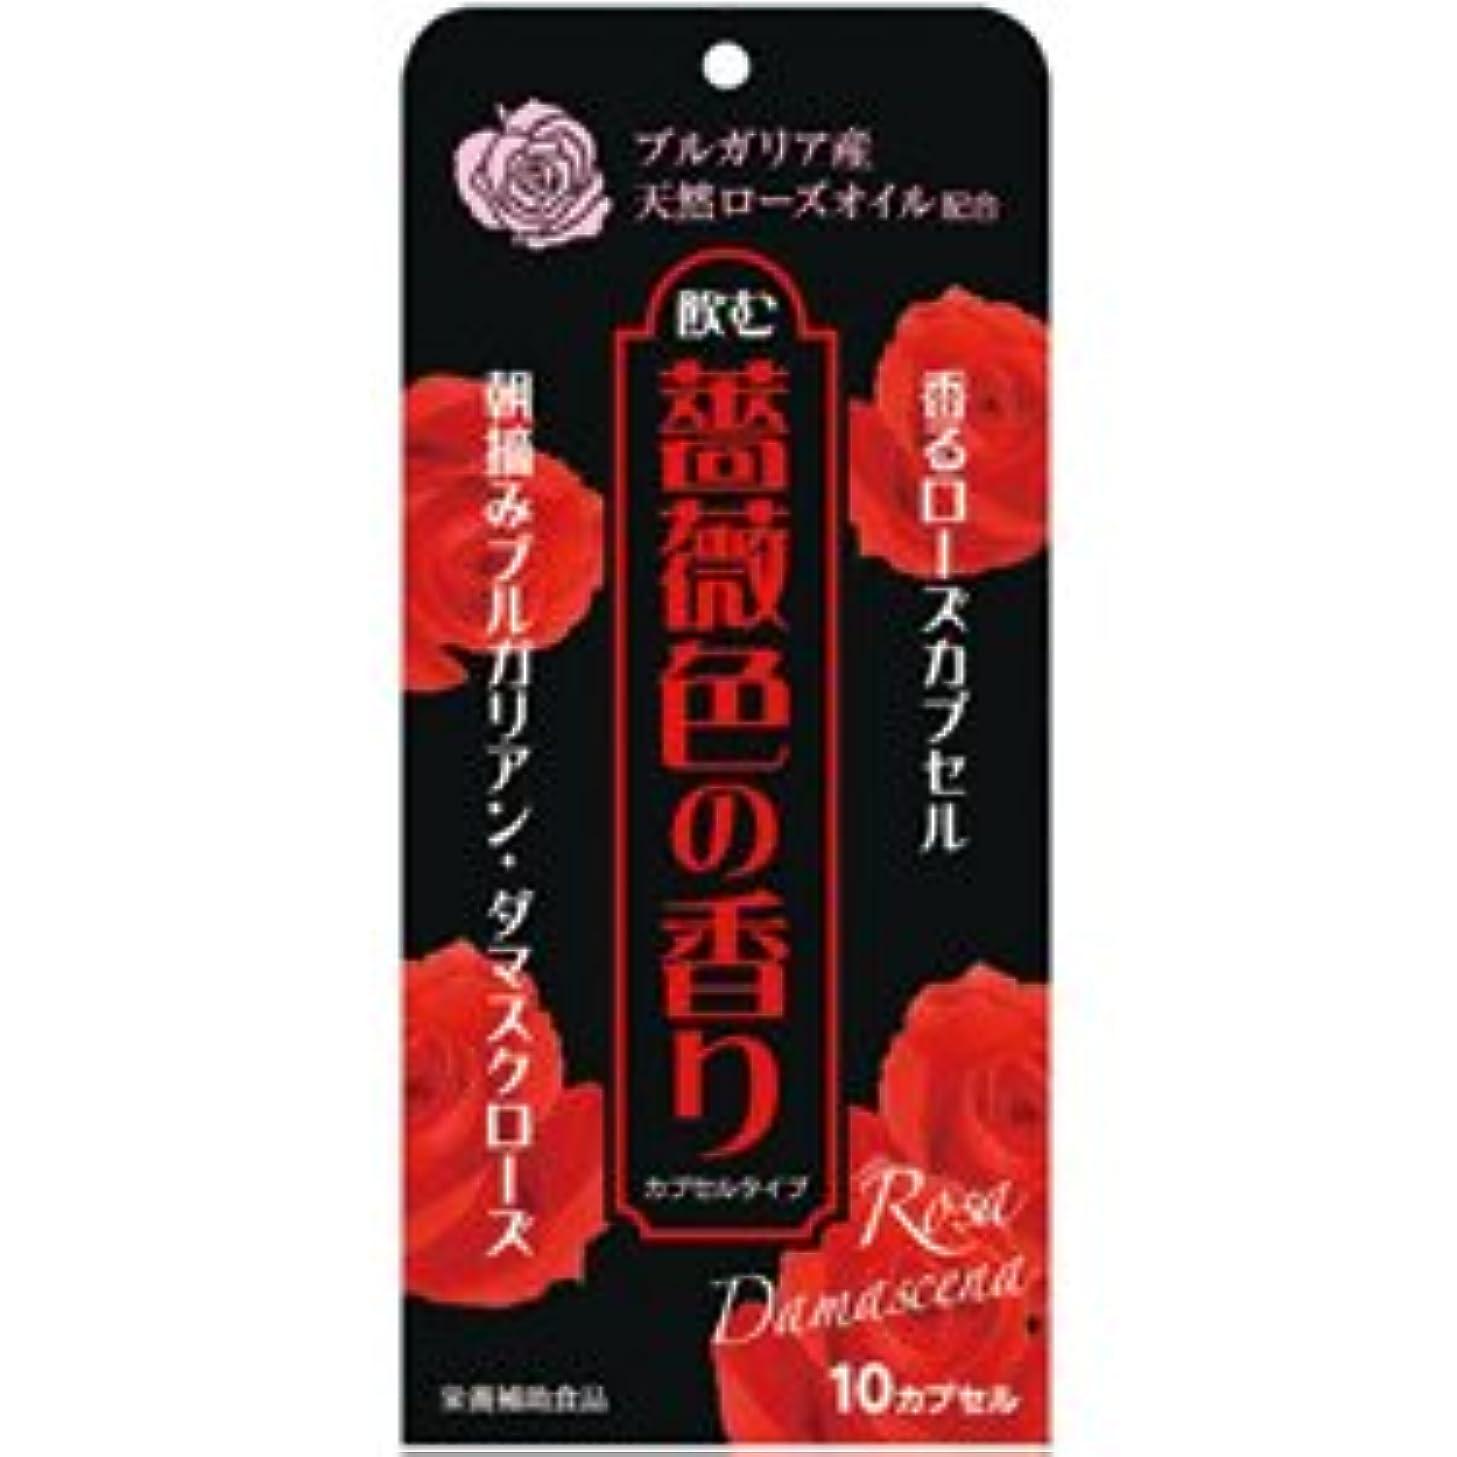 同情的絶滅肺炎【ウェルネスジャパン】飲む薔薇色の香り 10カプセル ×20個セット